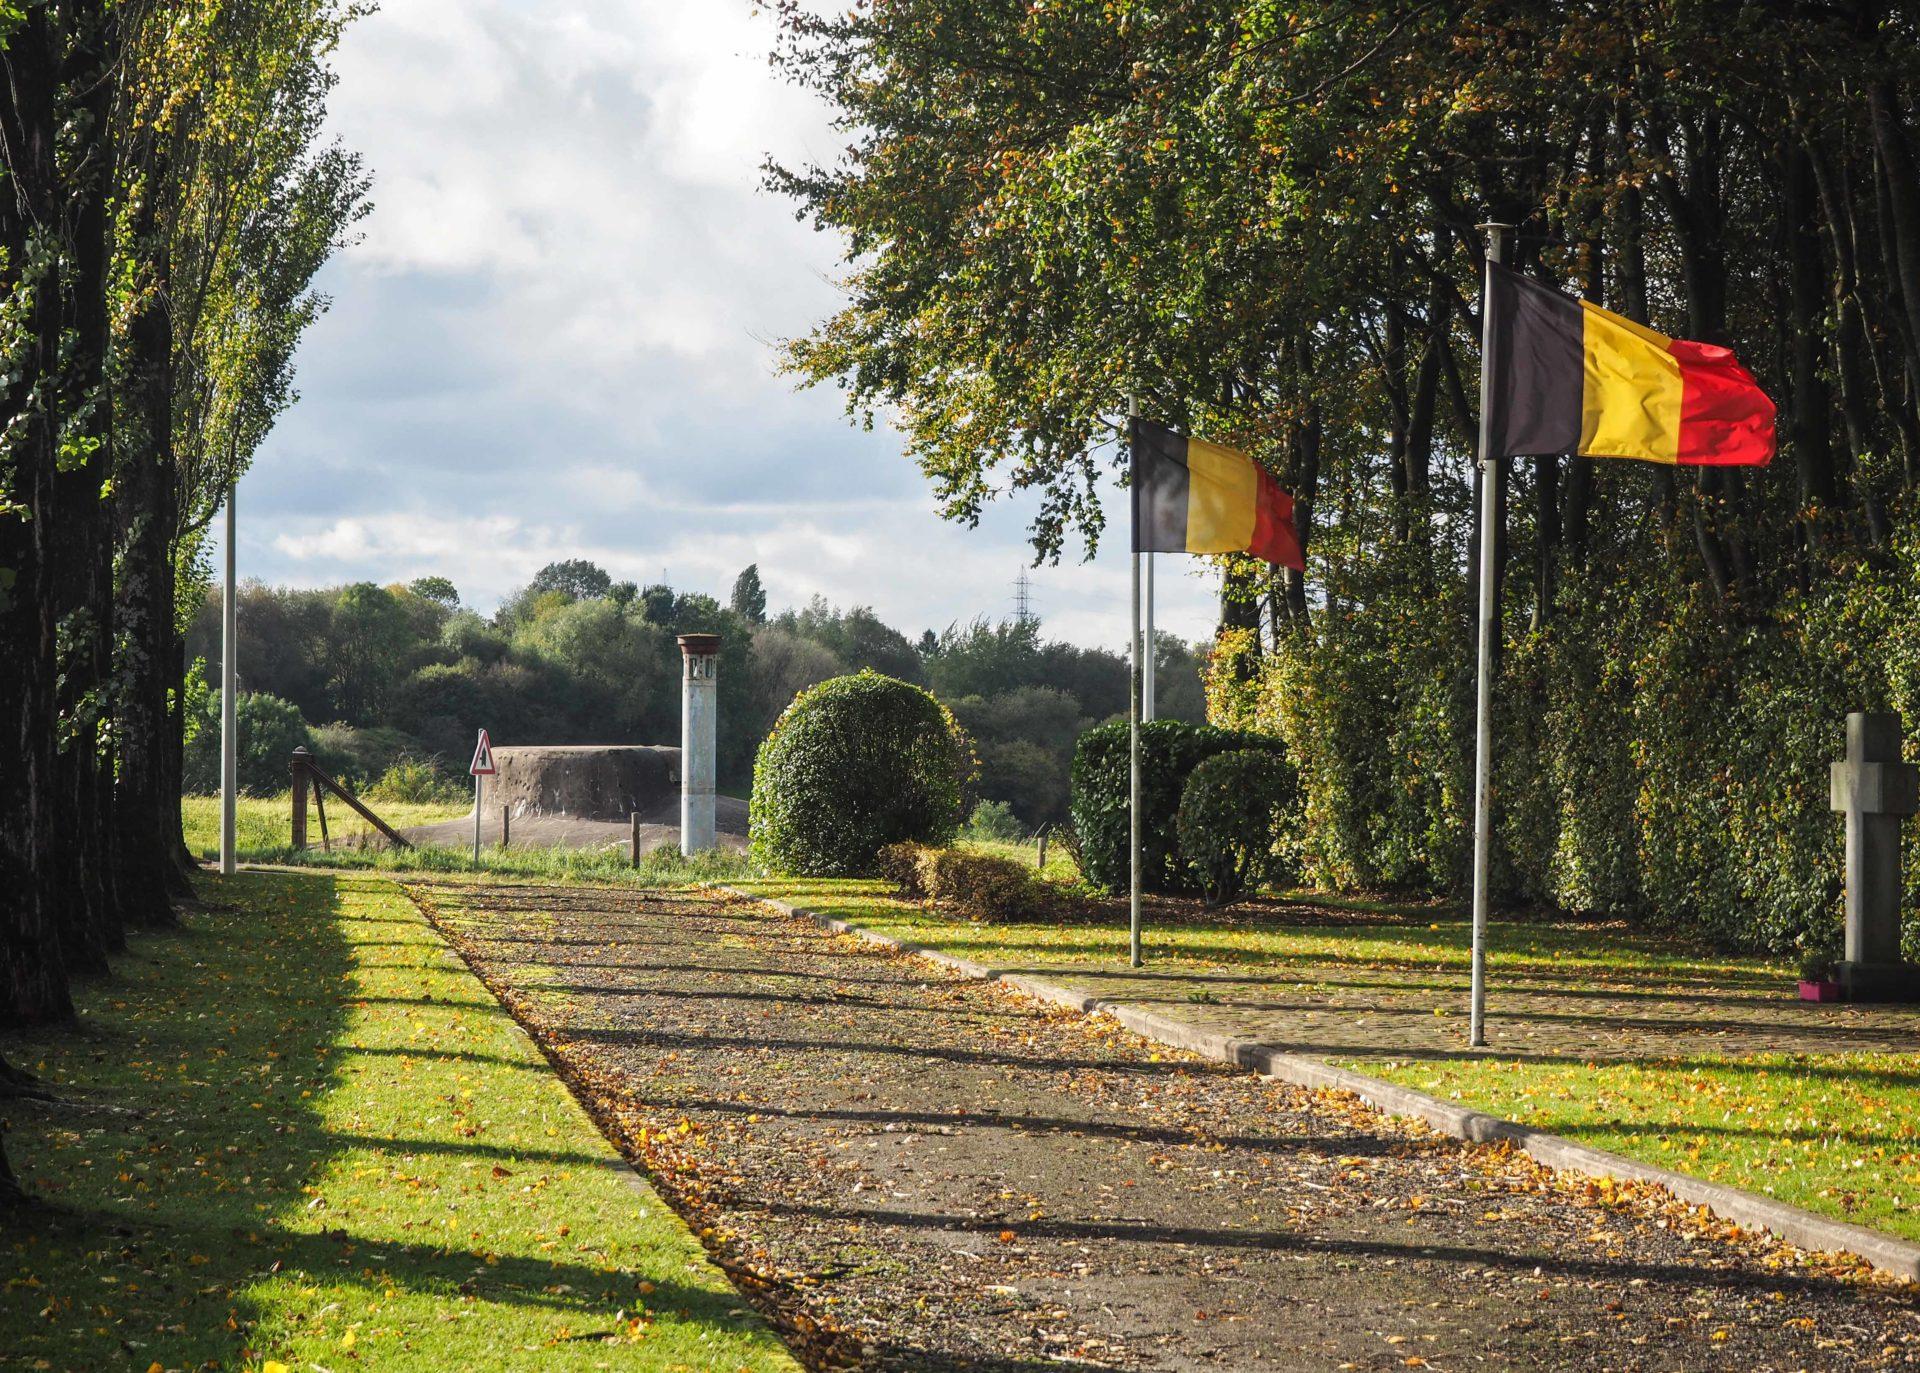 Faire du vélo au pays d'Herve, sur le Ravel 38 - Ardenne Belge - Province de Liège - Voyage slow en Belgique